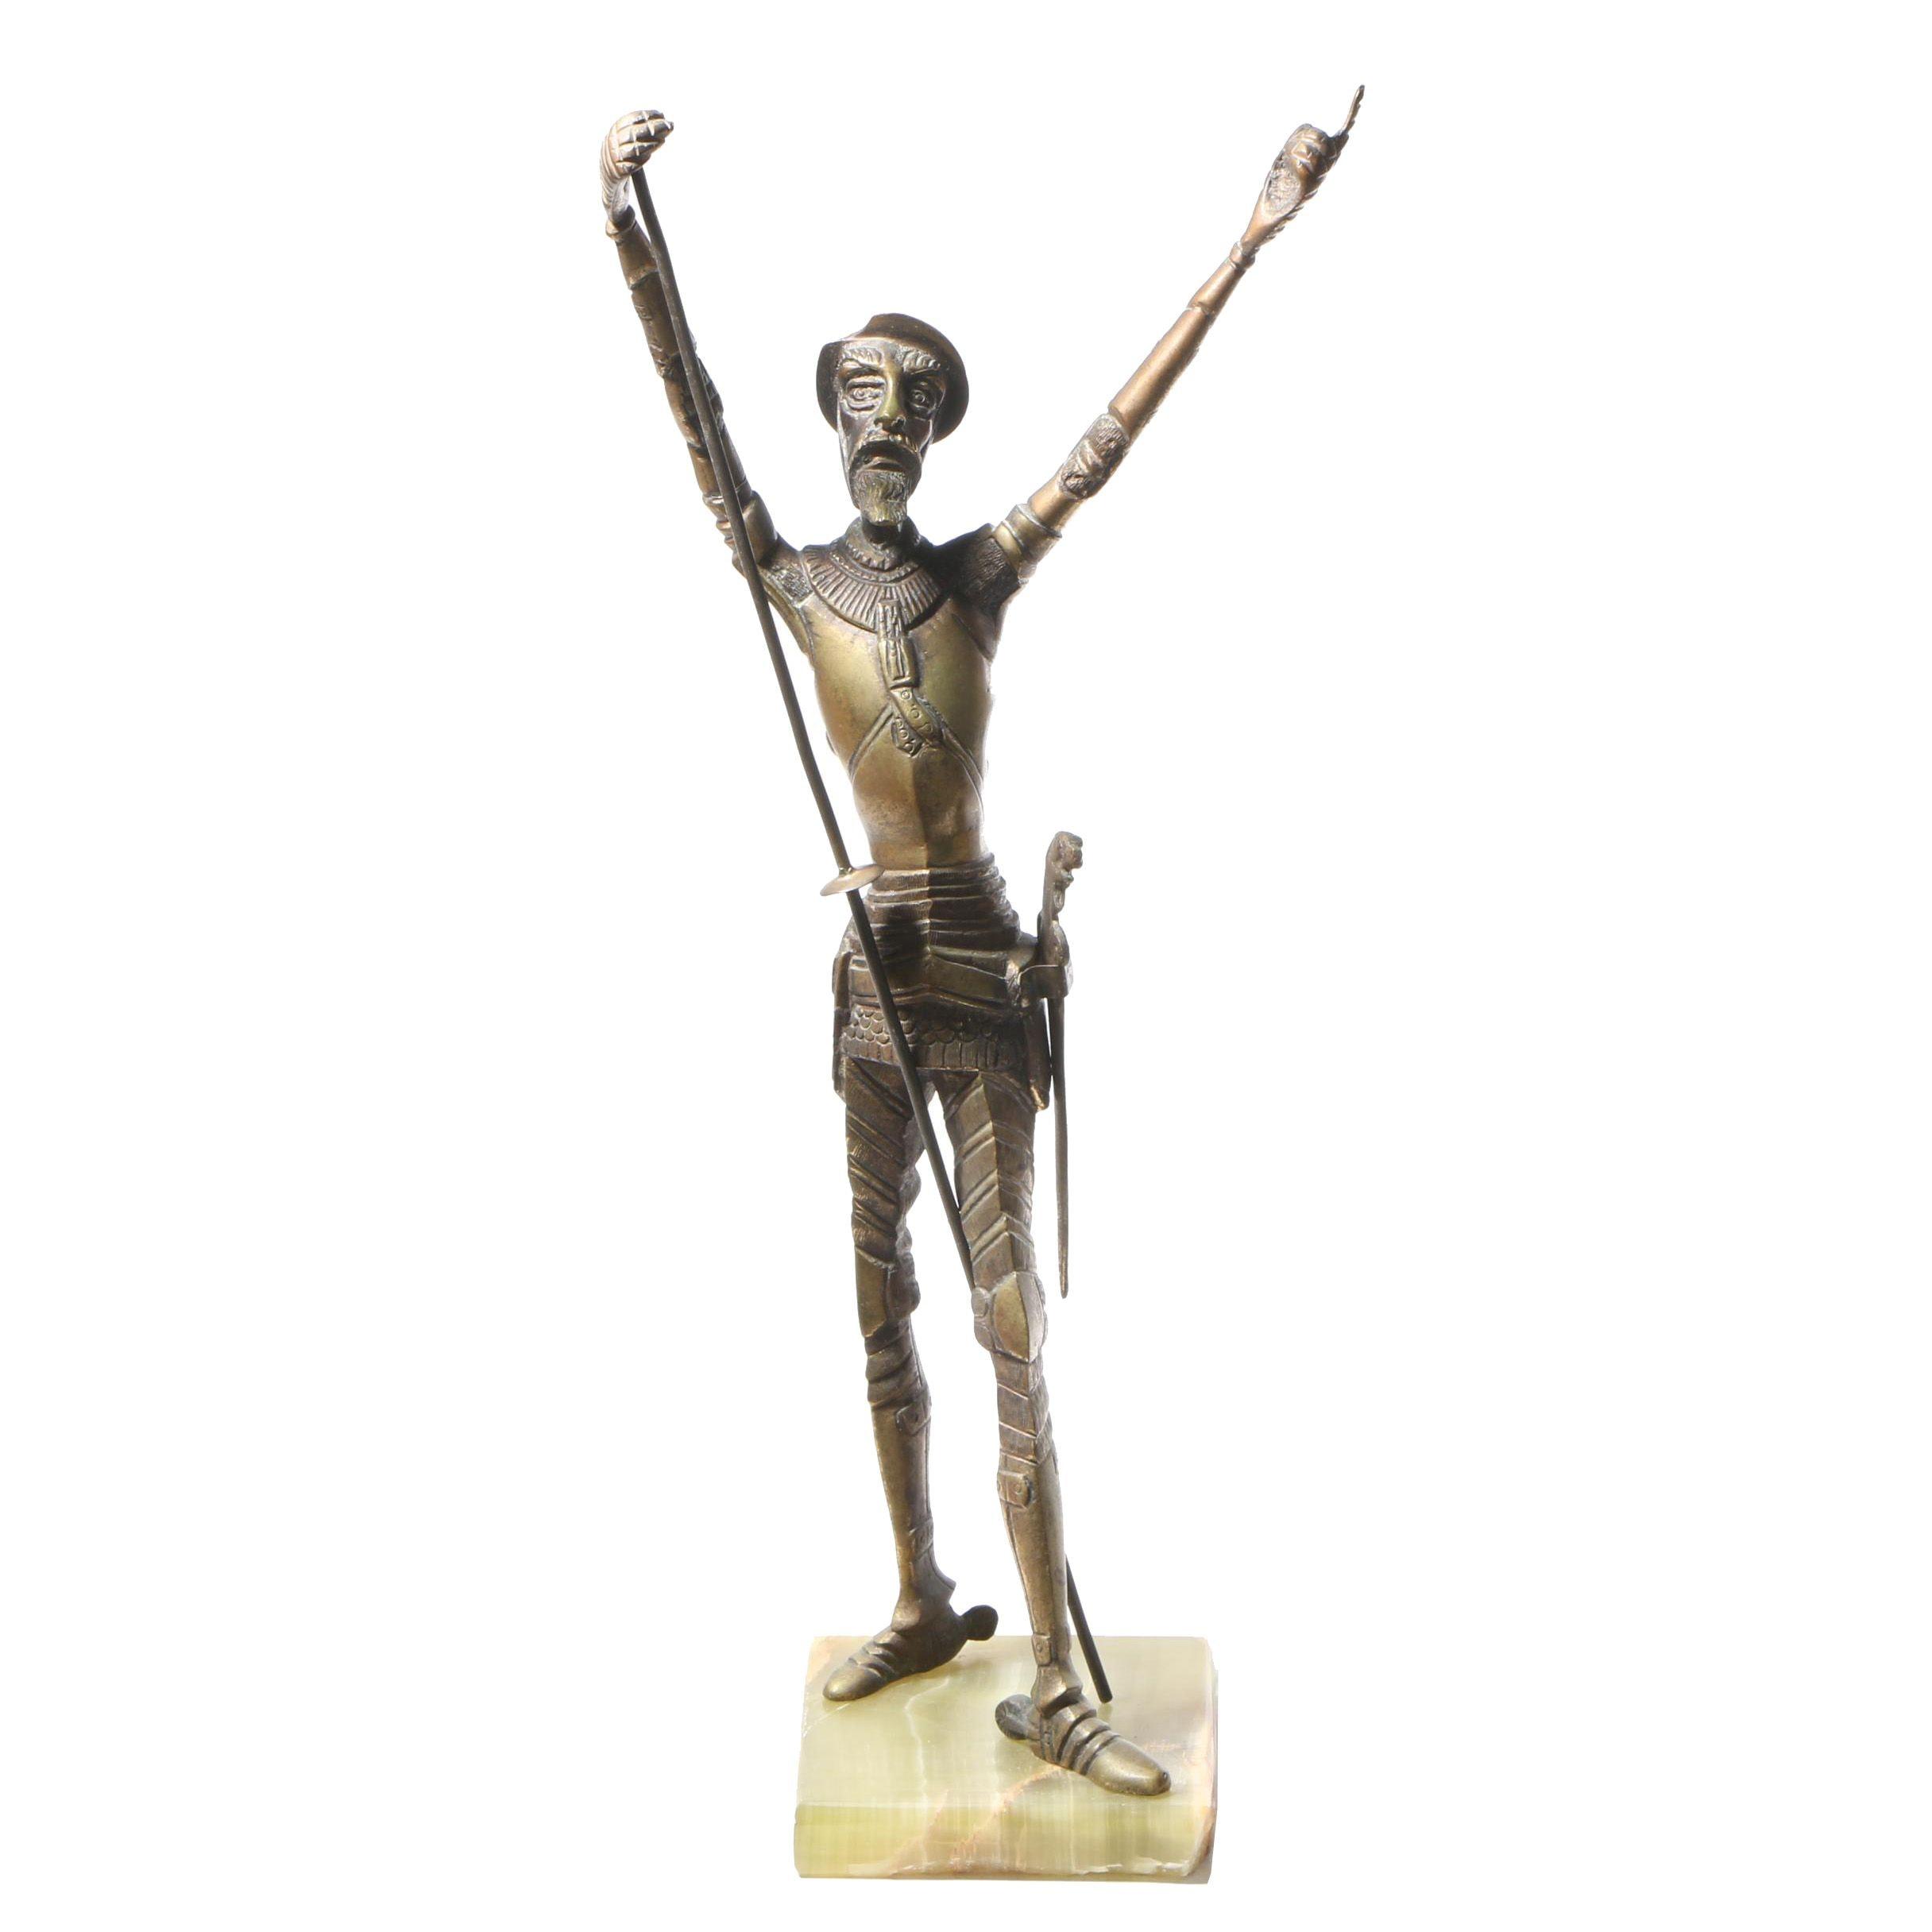 Tall Brass Sculpture of Don Quixote